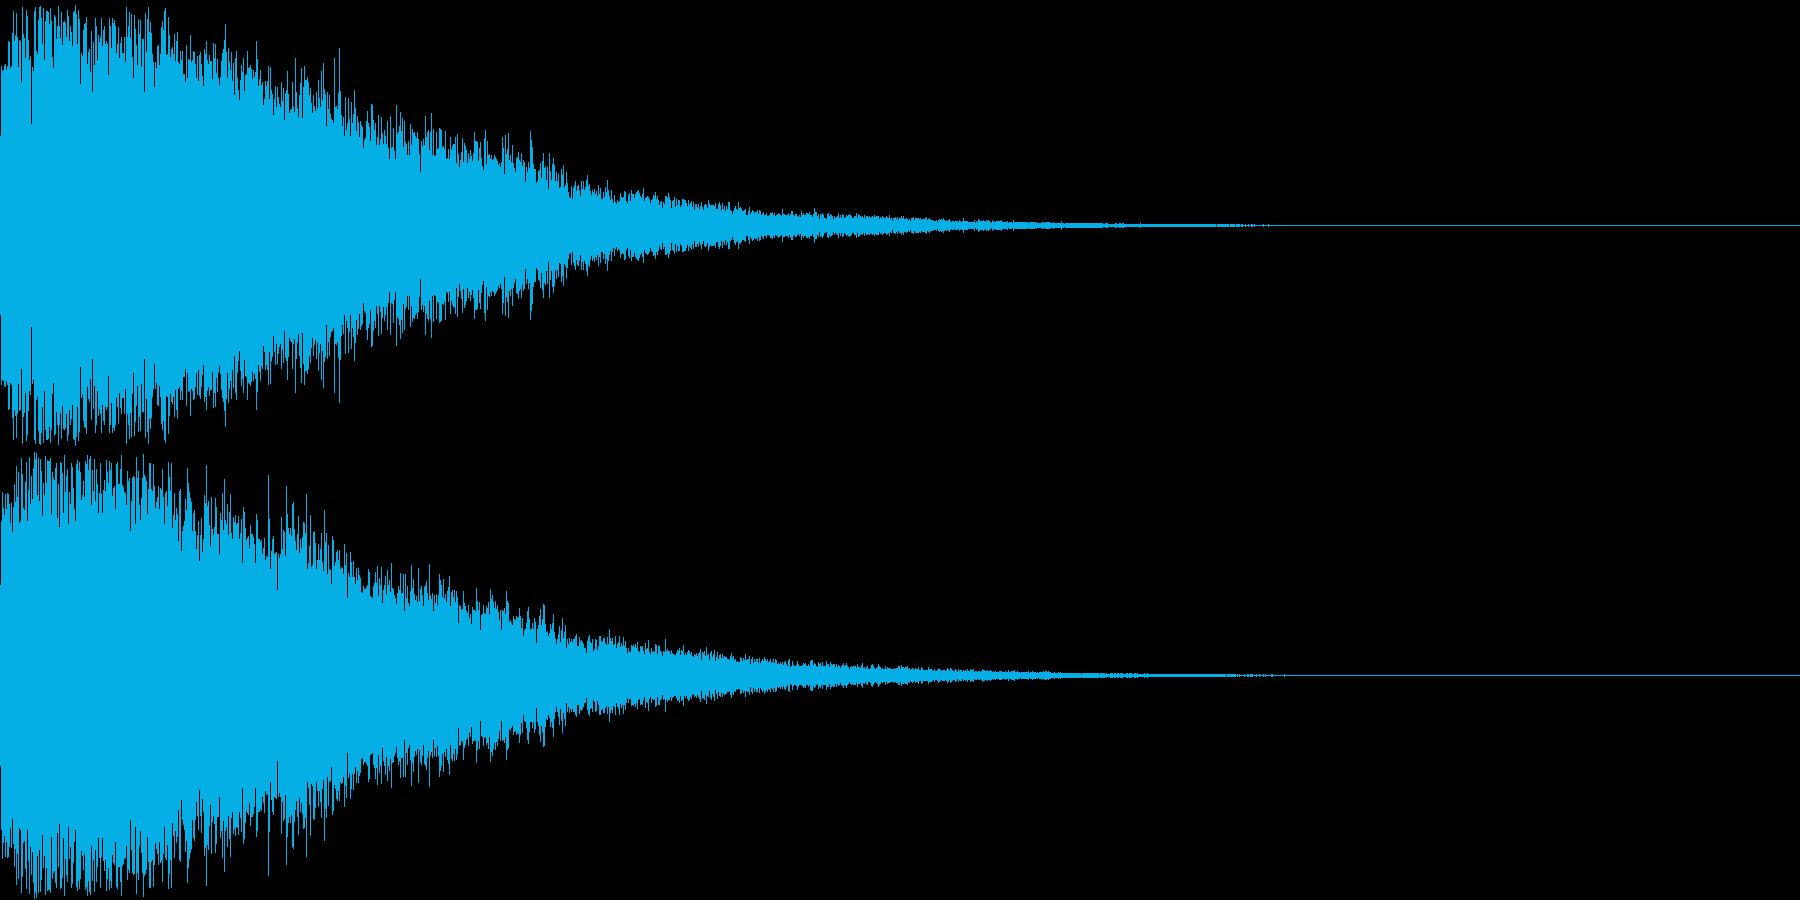 刀 剣 ソード カキーン キュイーン23の再生済みの波形